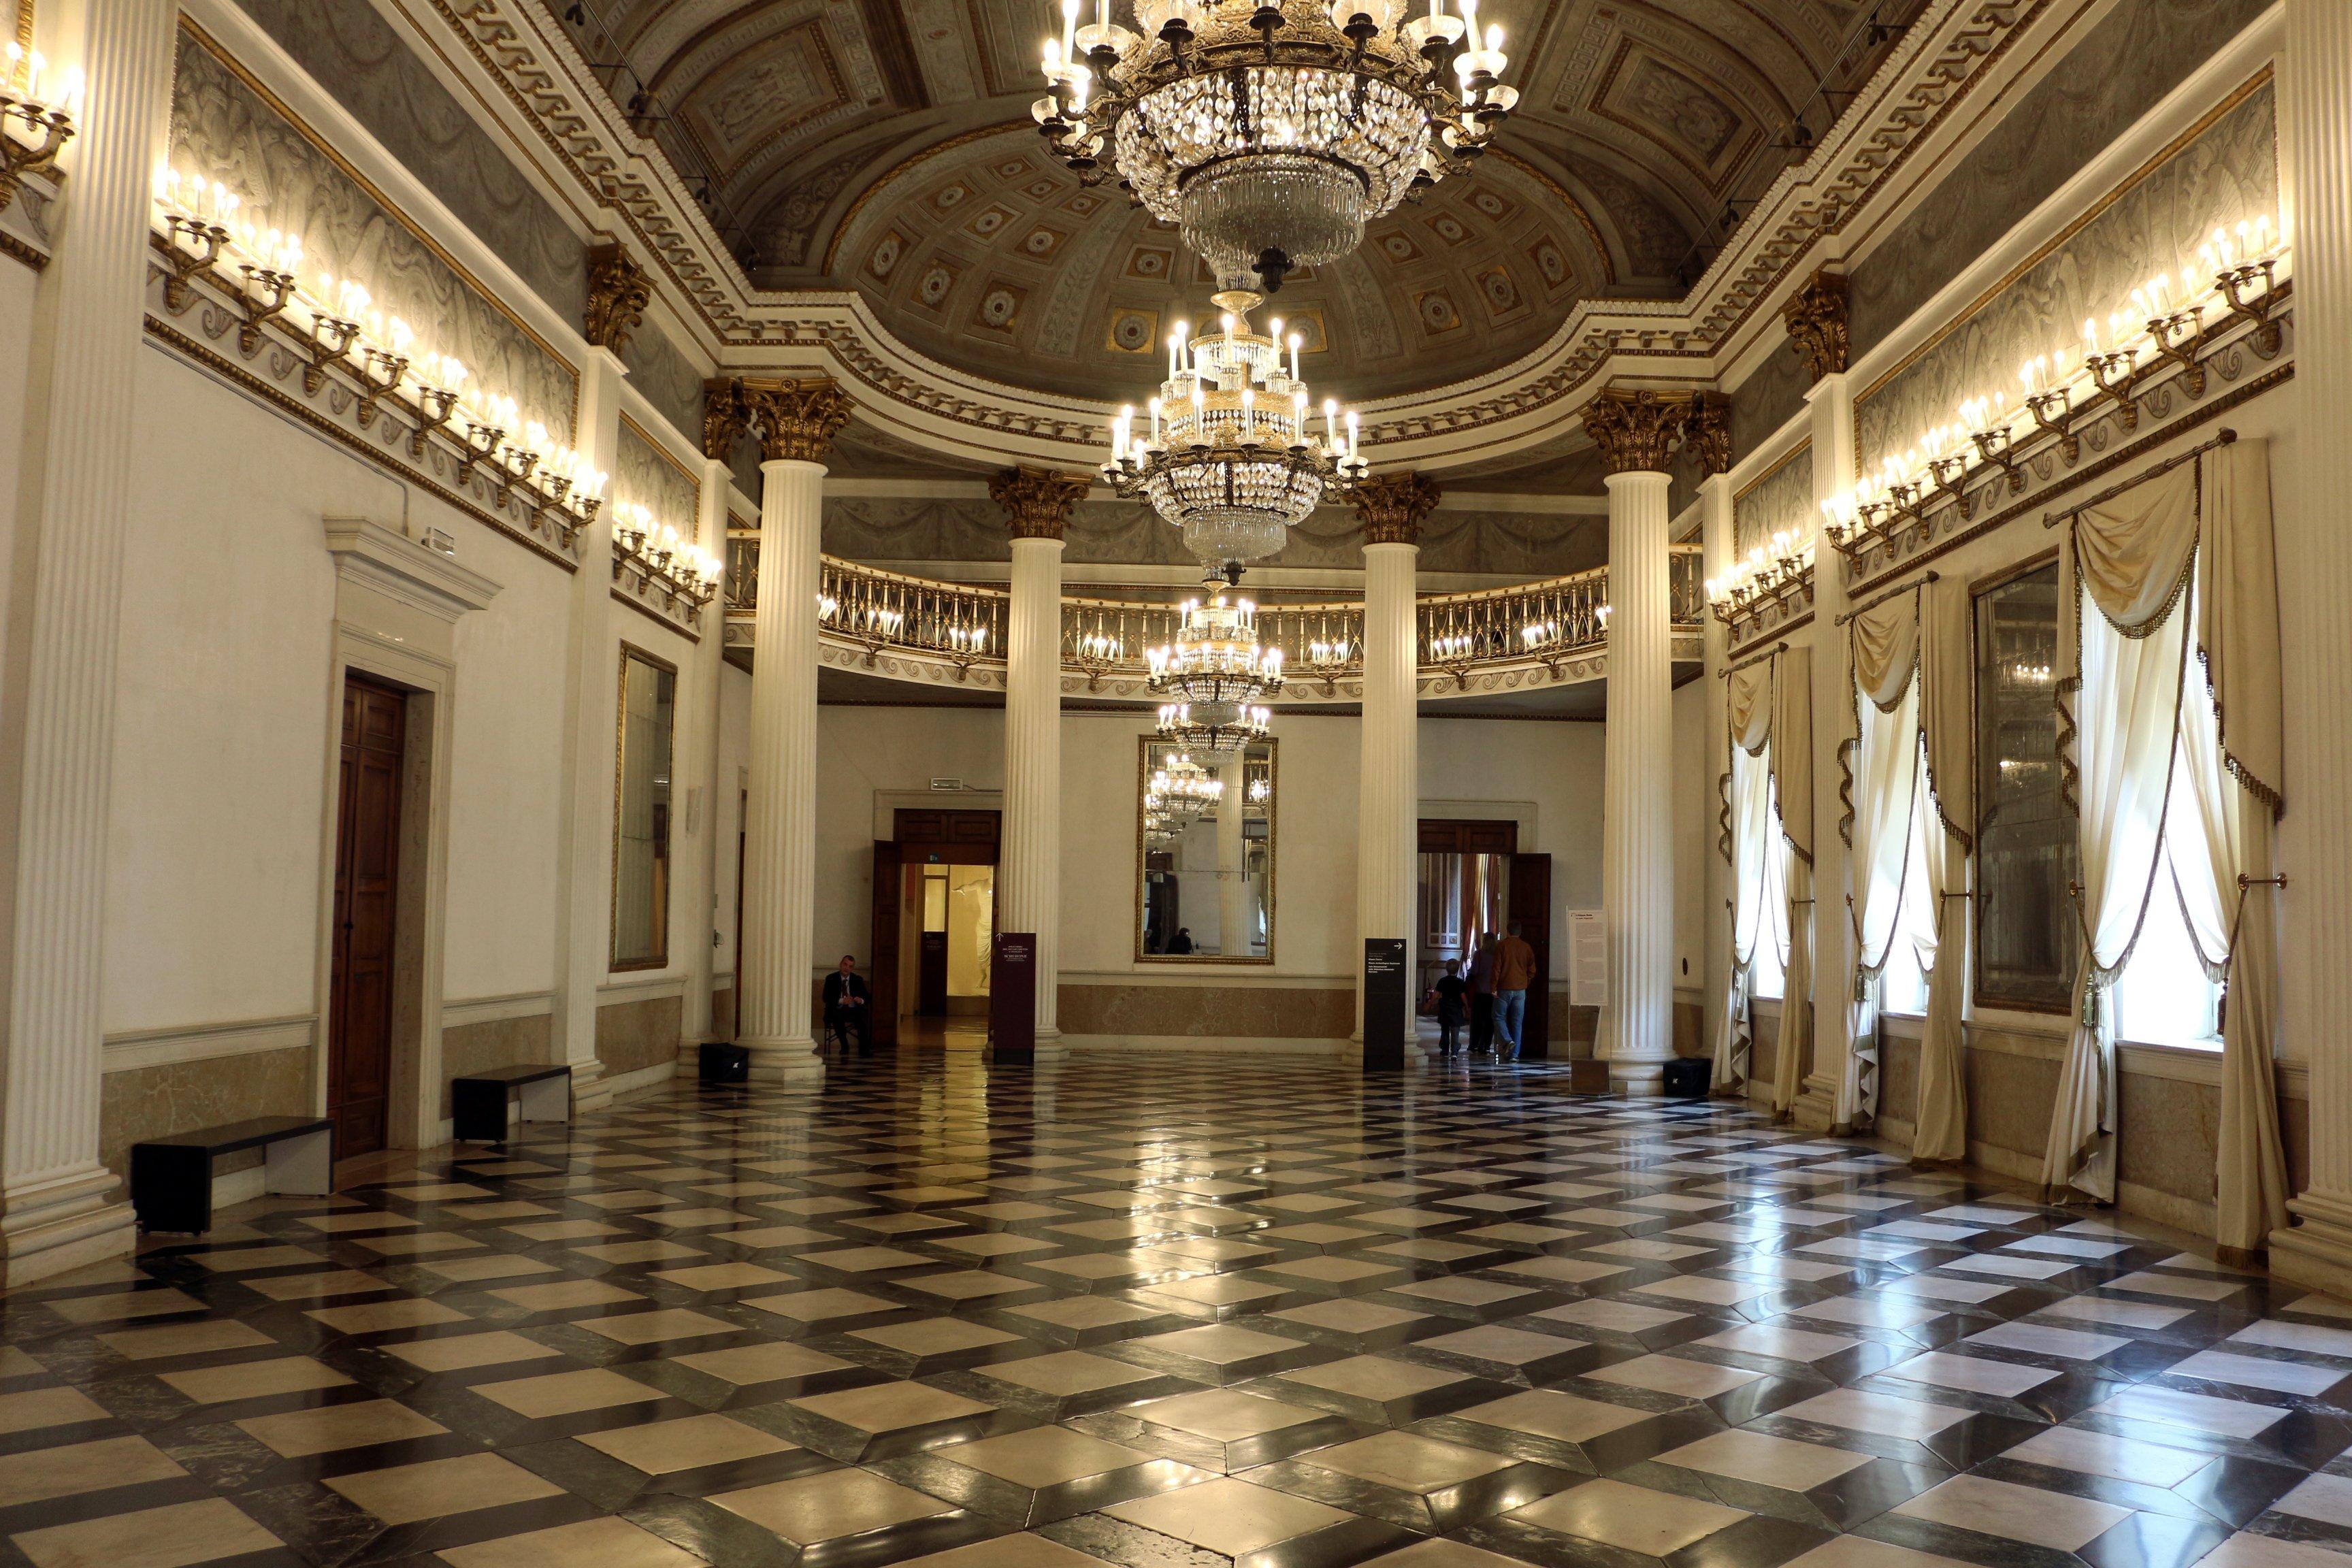 Palazzo_reale_di_venezia,_salone_da_ballo,_01